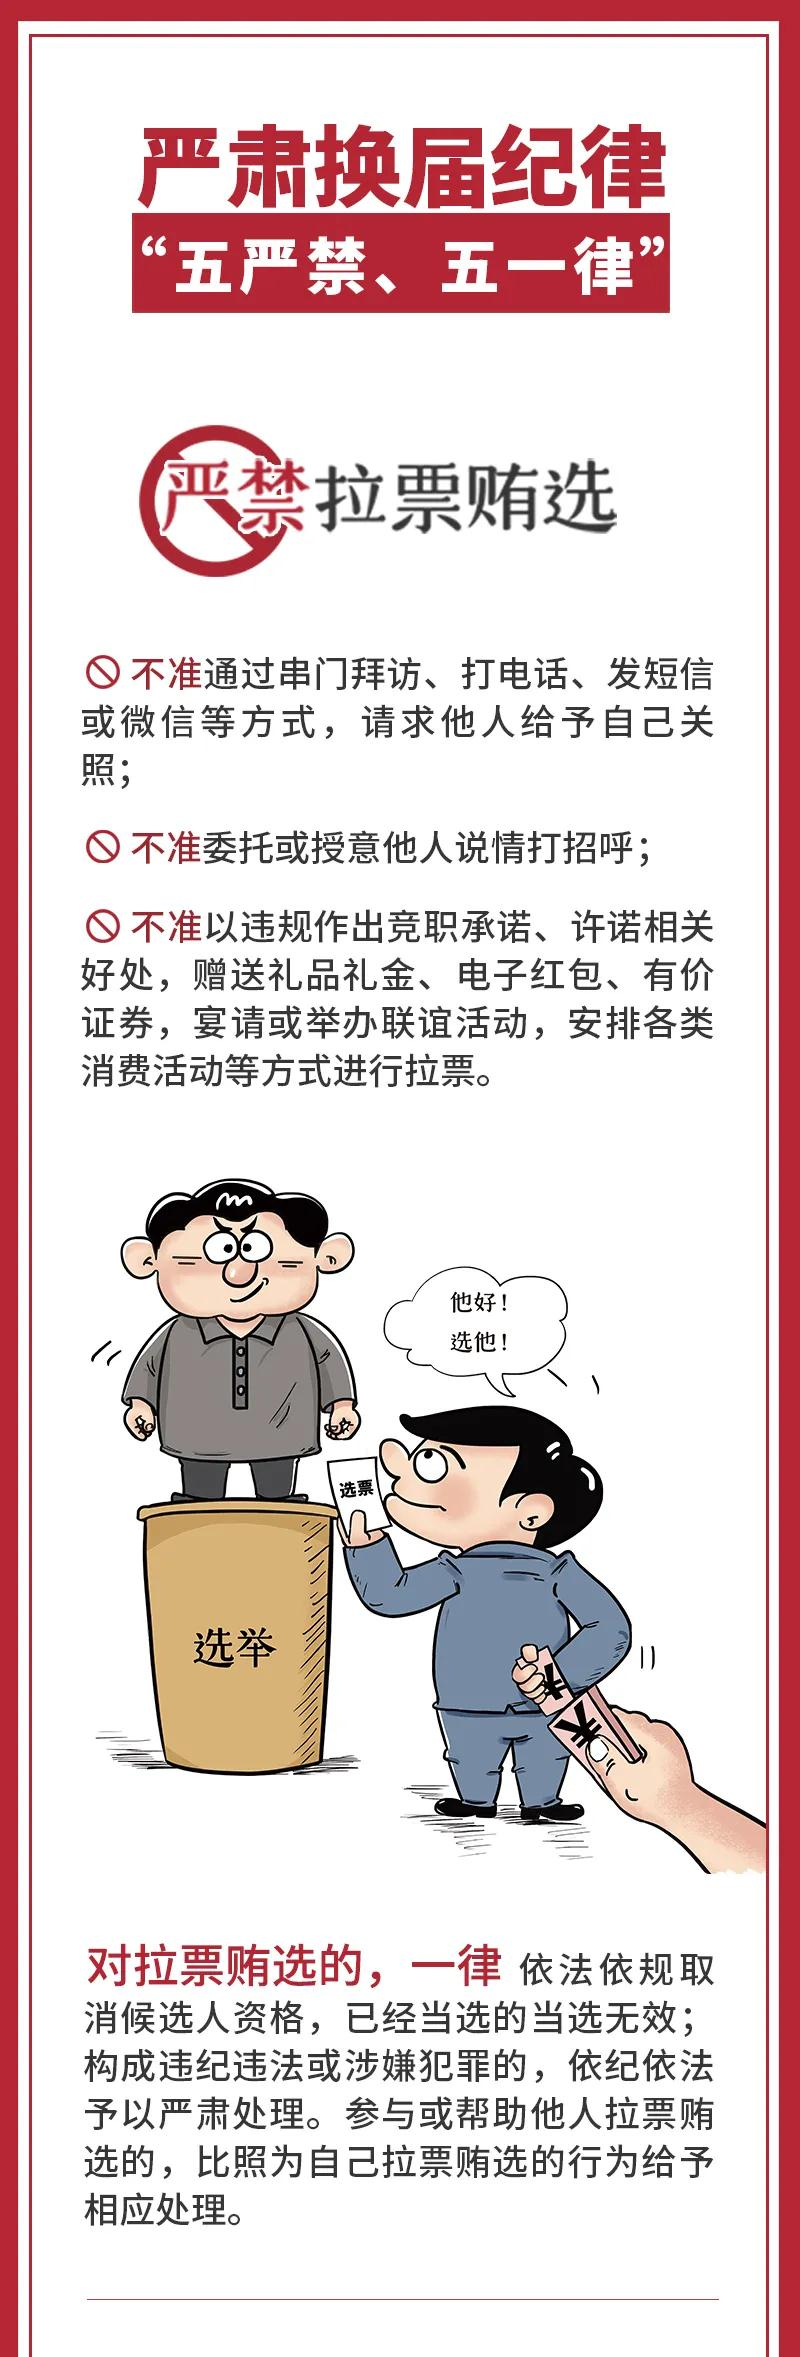 """这组漫画让您秒懂严肃换届纪律!牢记""""五严禁、五一律"""""""